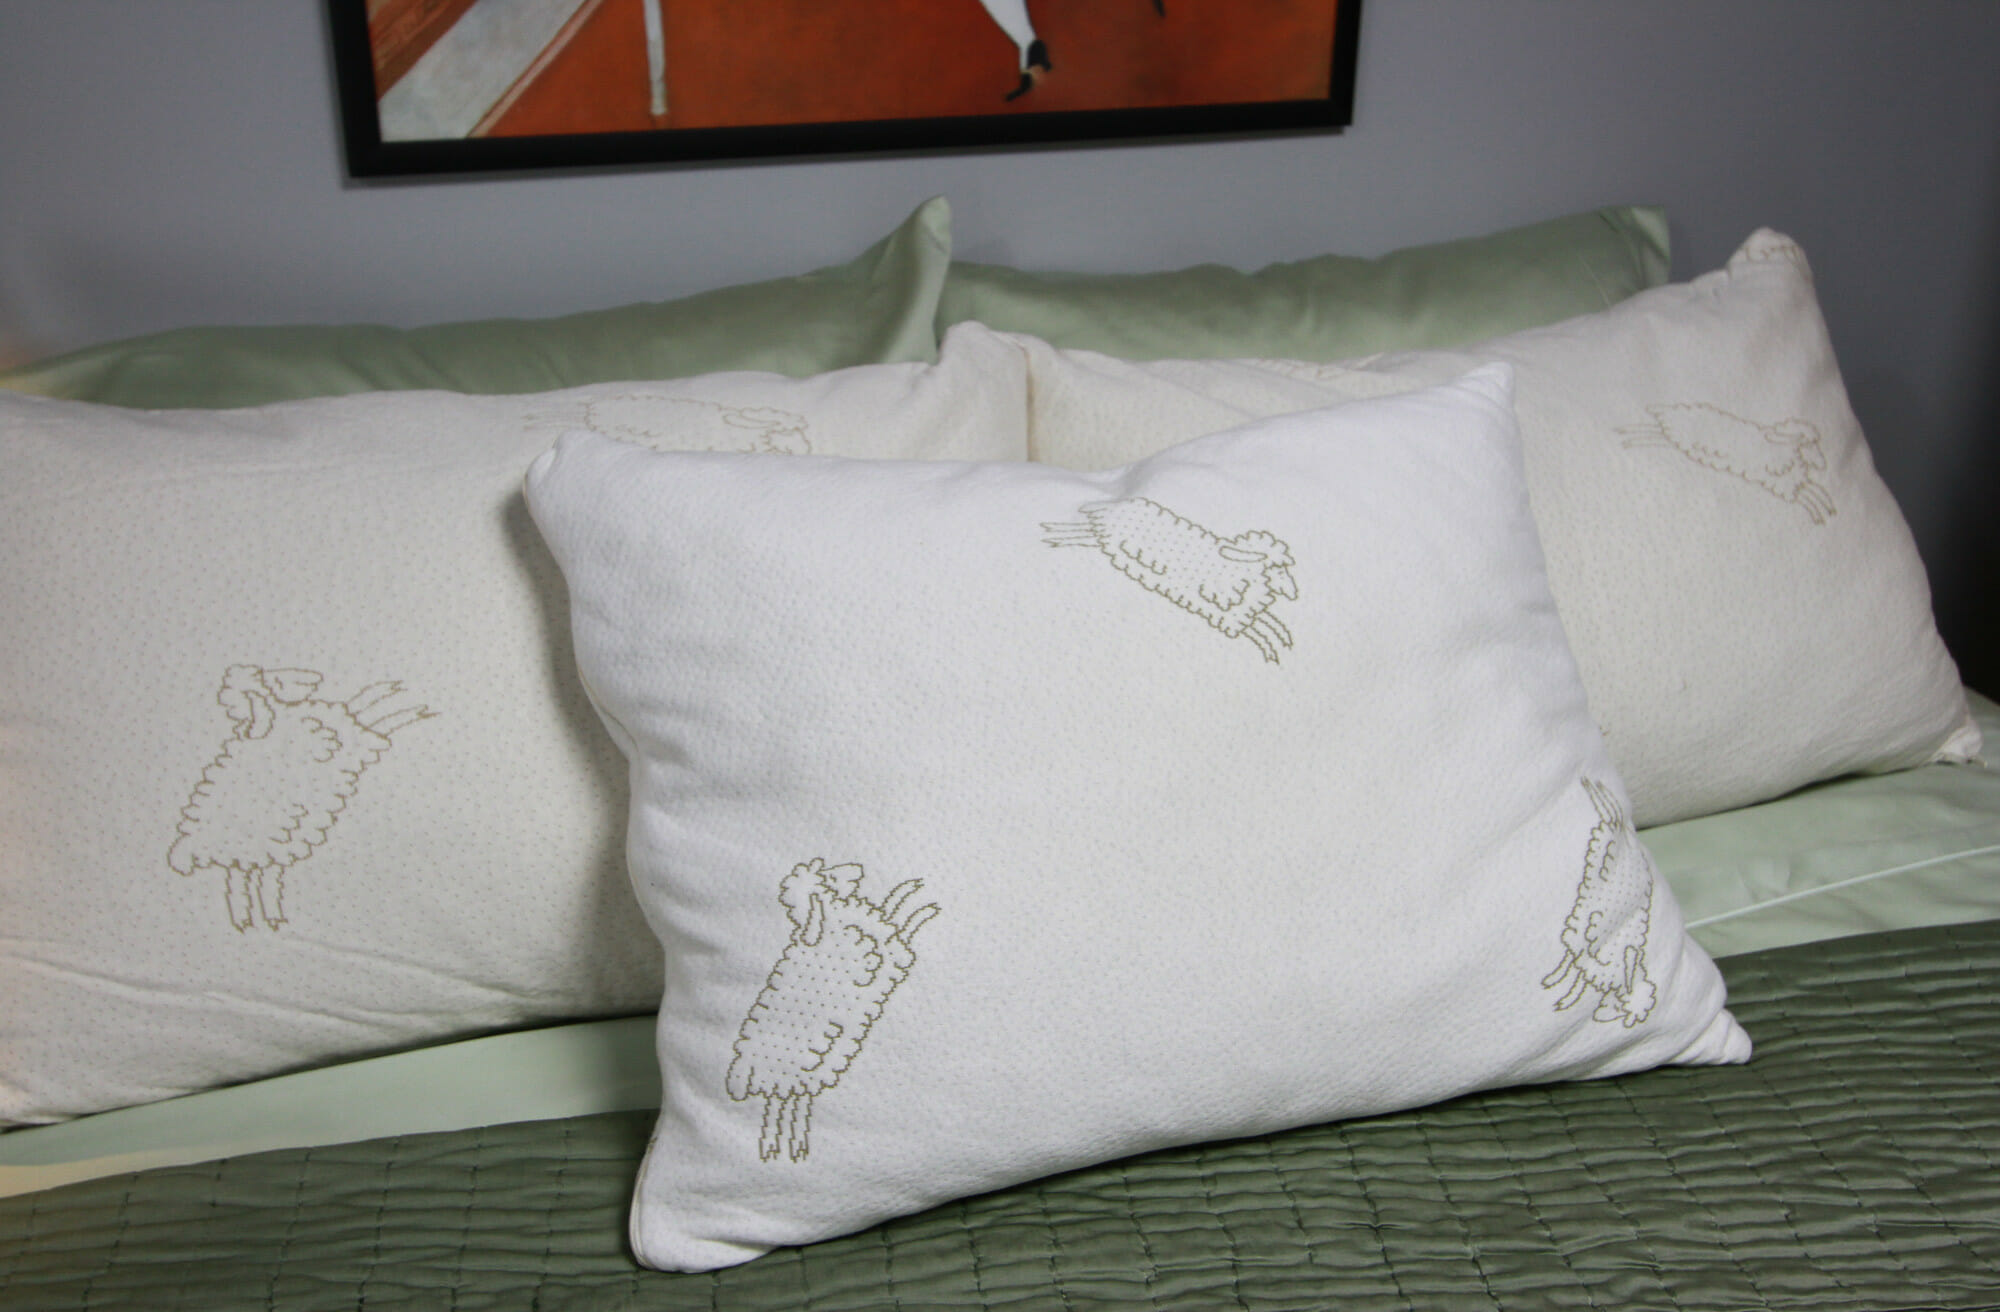 shredded natural Talalay latex pillow